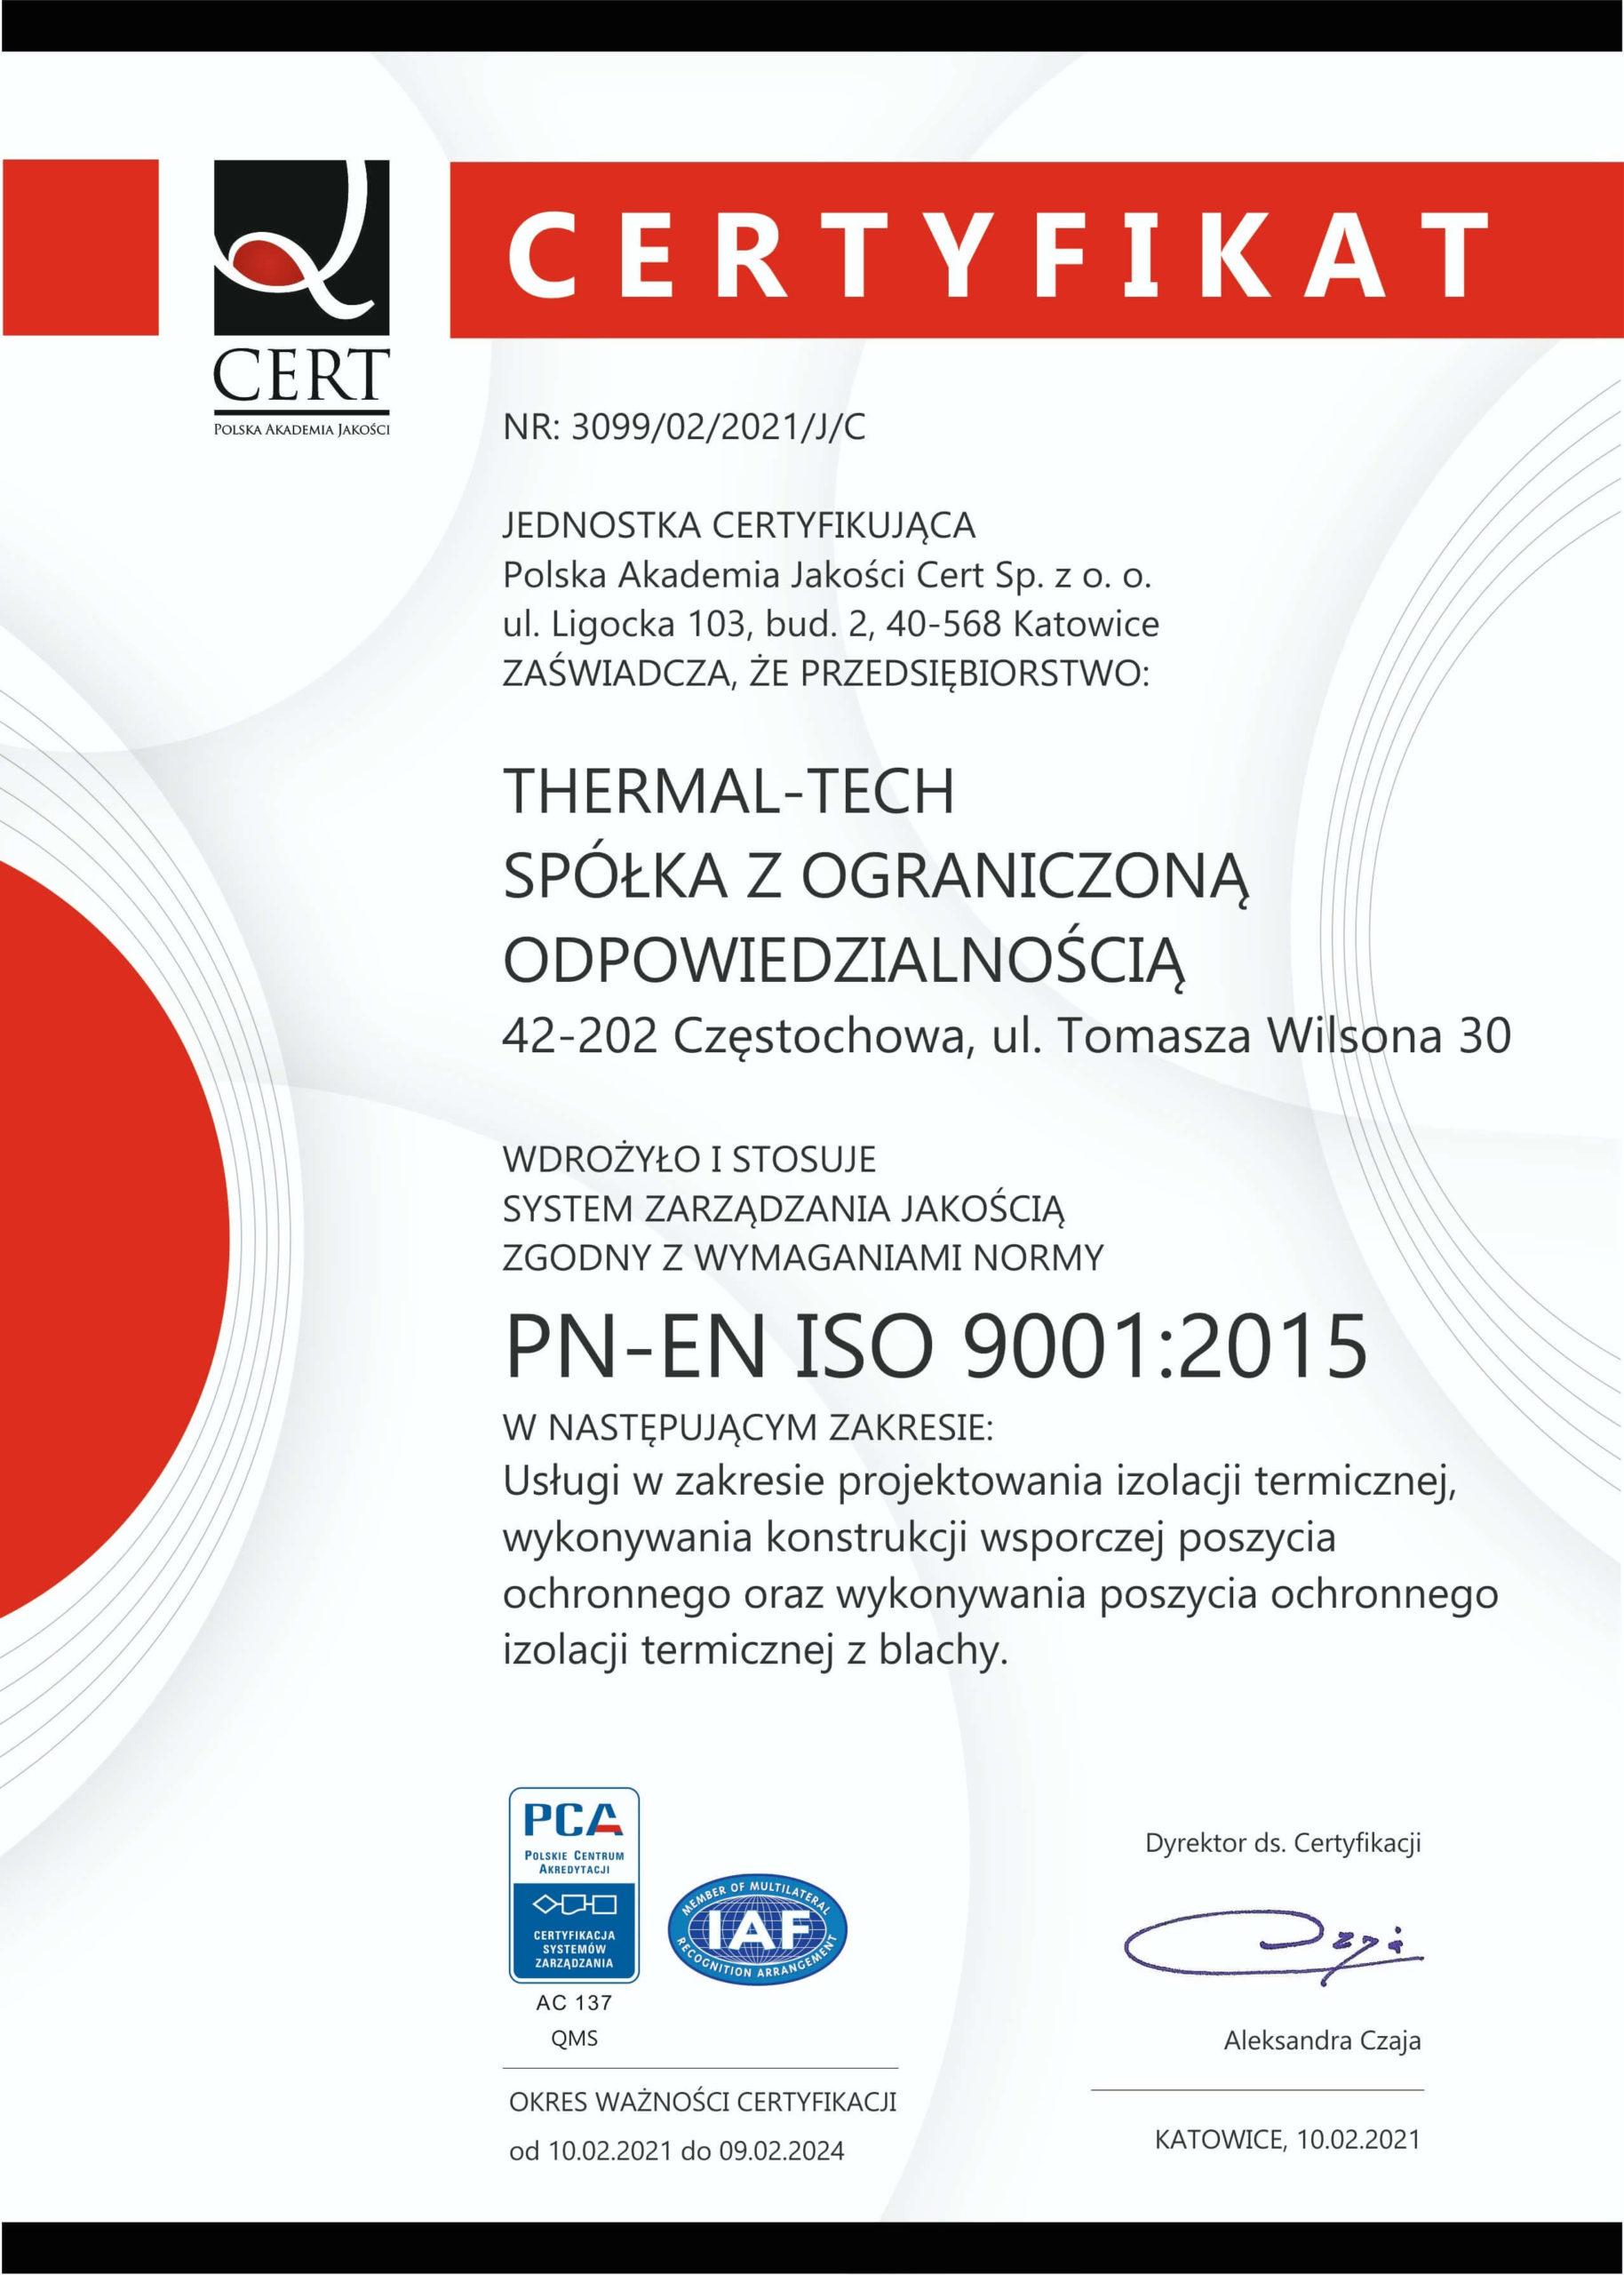 Certyfikat Polskiej Akademii Jakości Cert